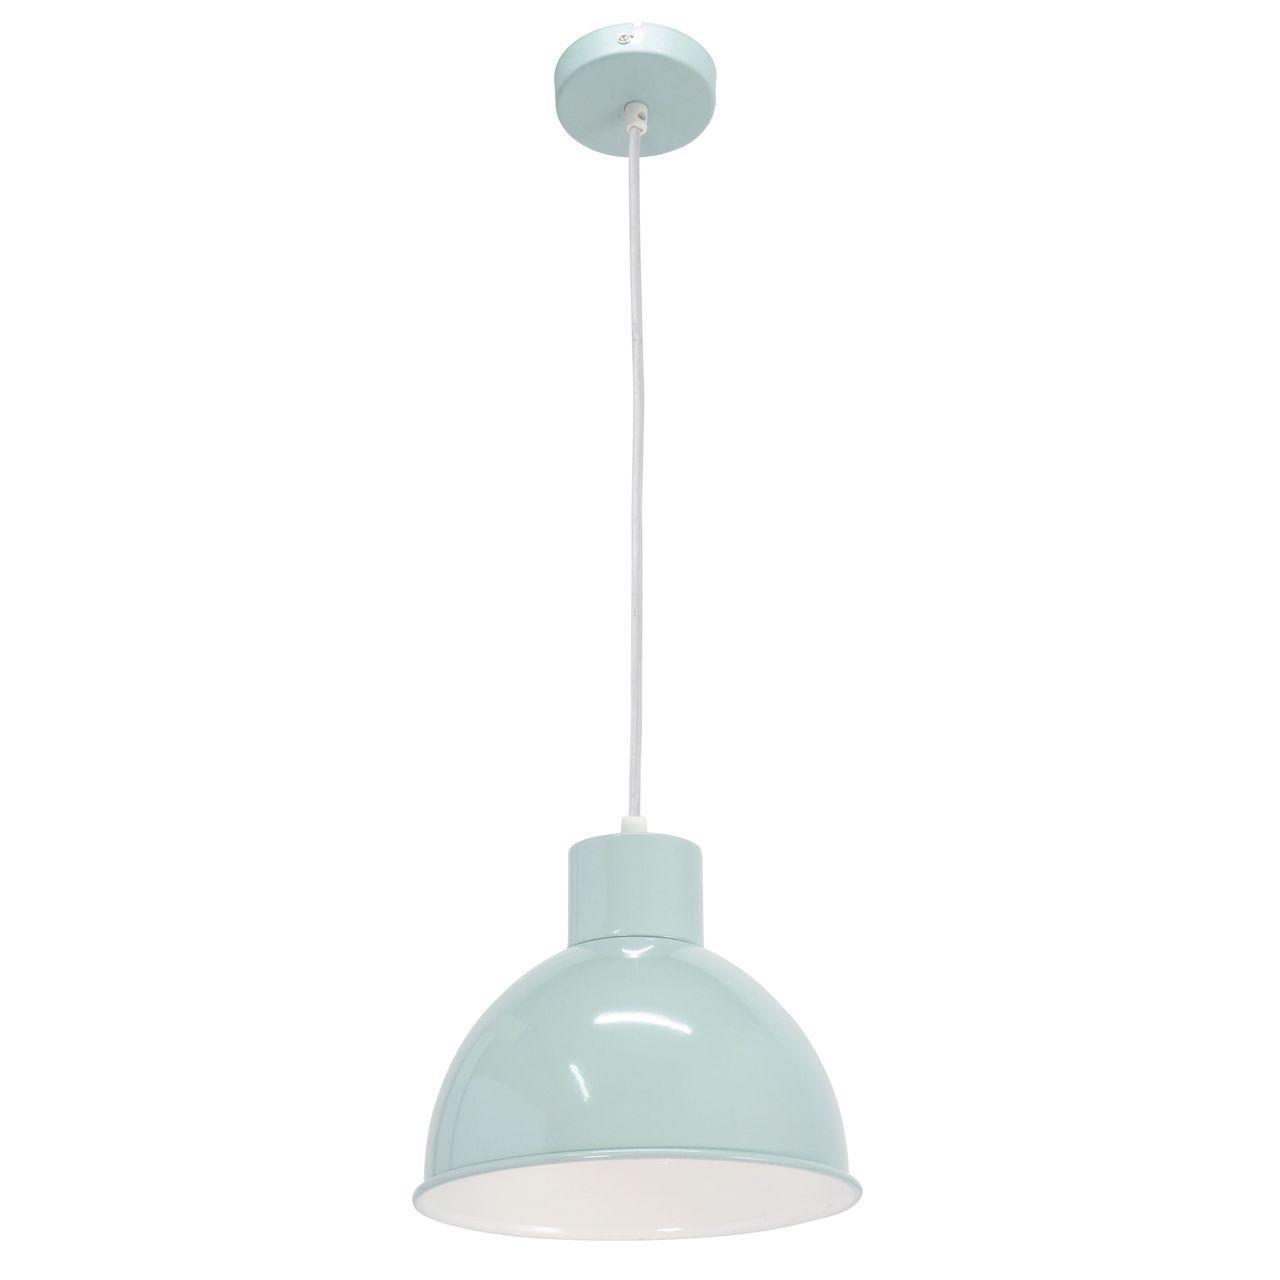 Подвесной светильник Eglo Vintage 49239 подвесной светильник eglo vintage 49212